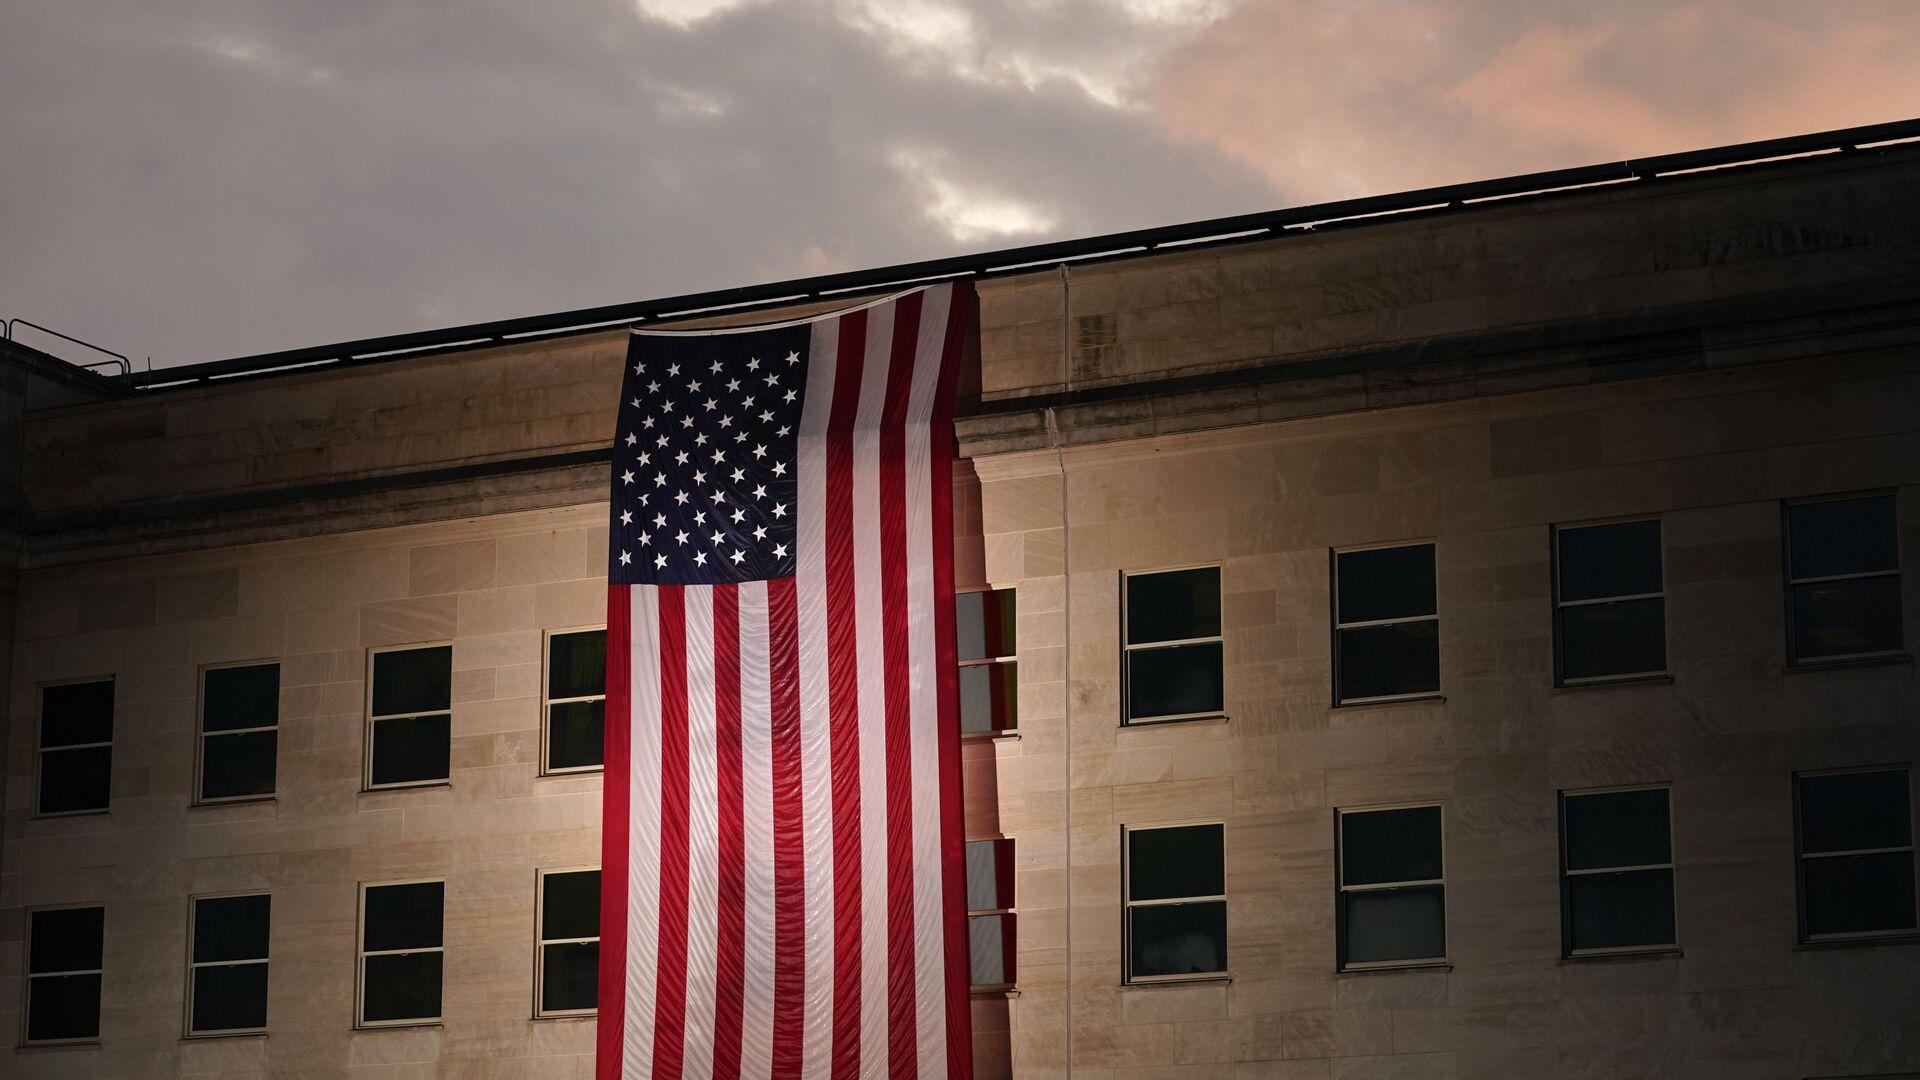 Zgrada Pentagona sa američkom zastavom - Sputnik Srbija, 1920, 28.09.2021